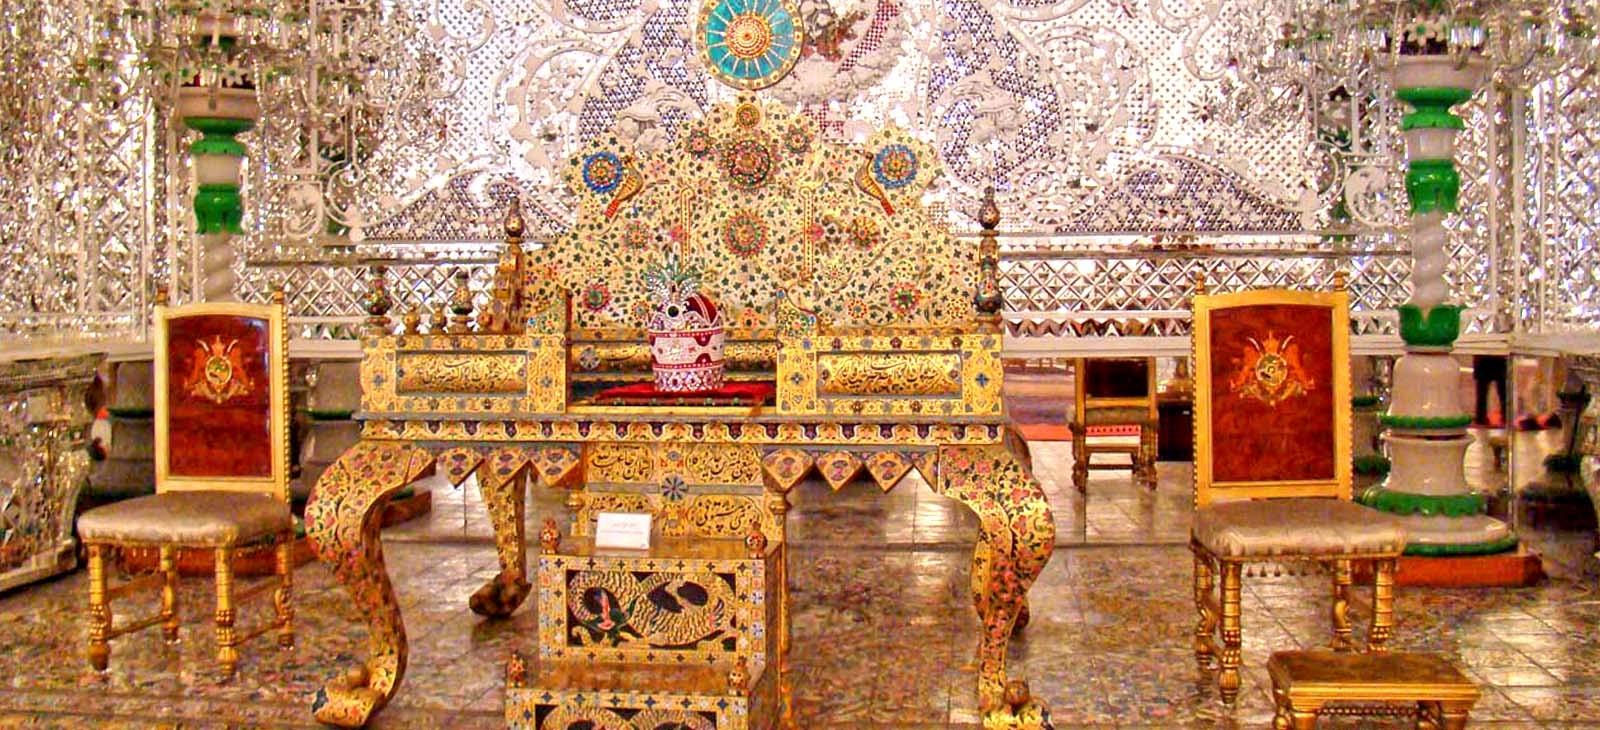 teheran museo nacional joyas